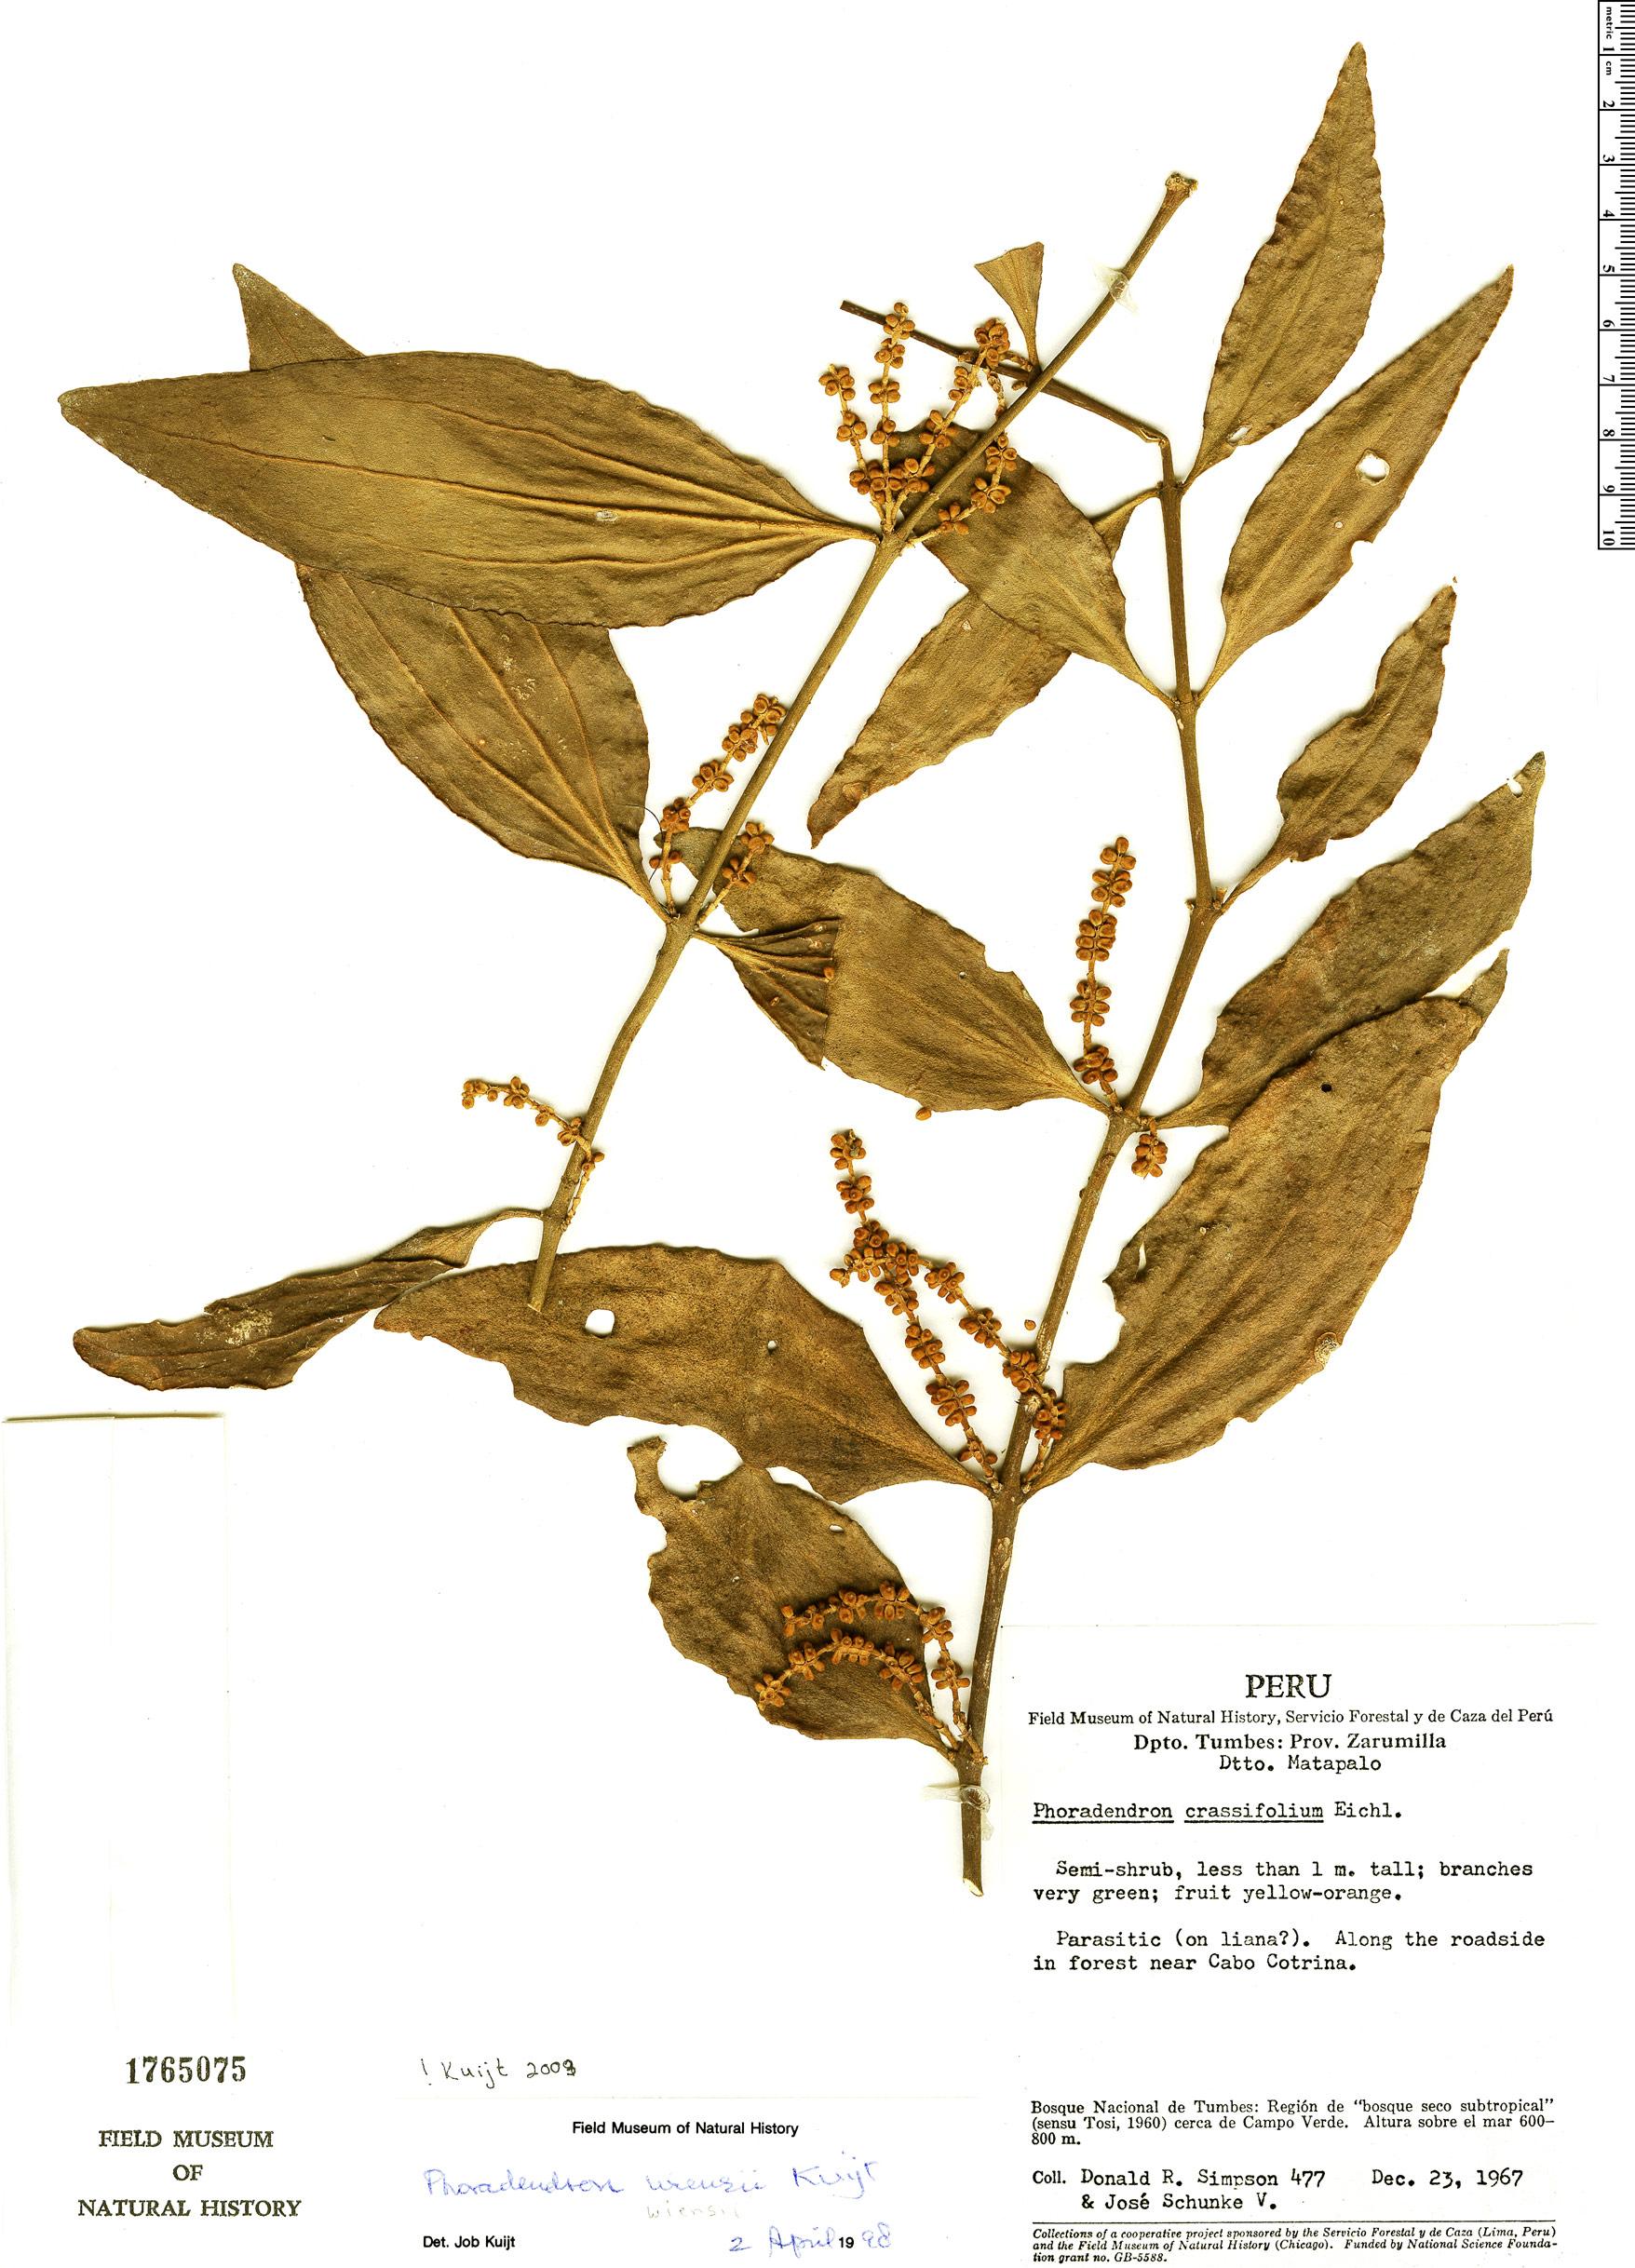 Specimen: Phoradendron wiensii